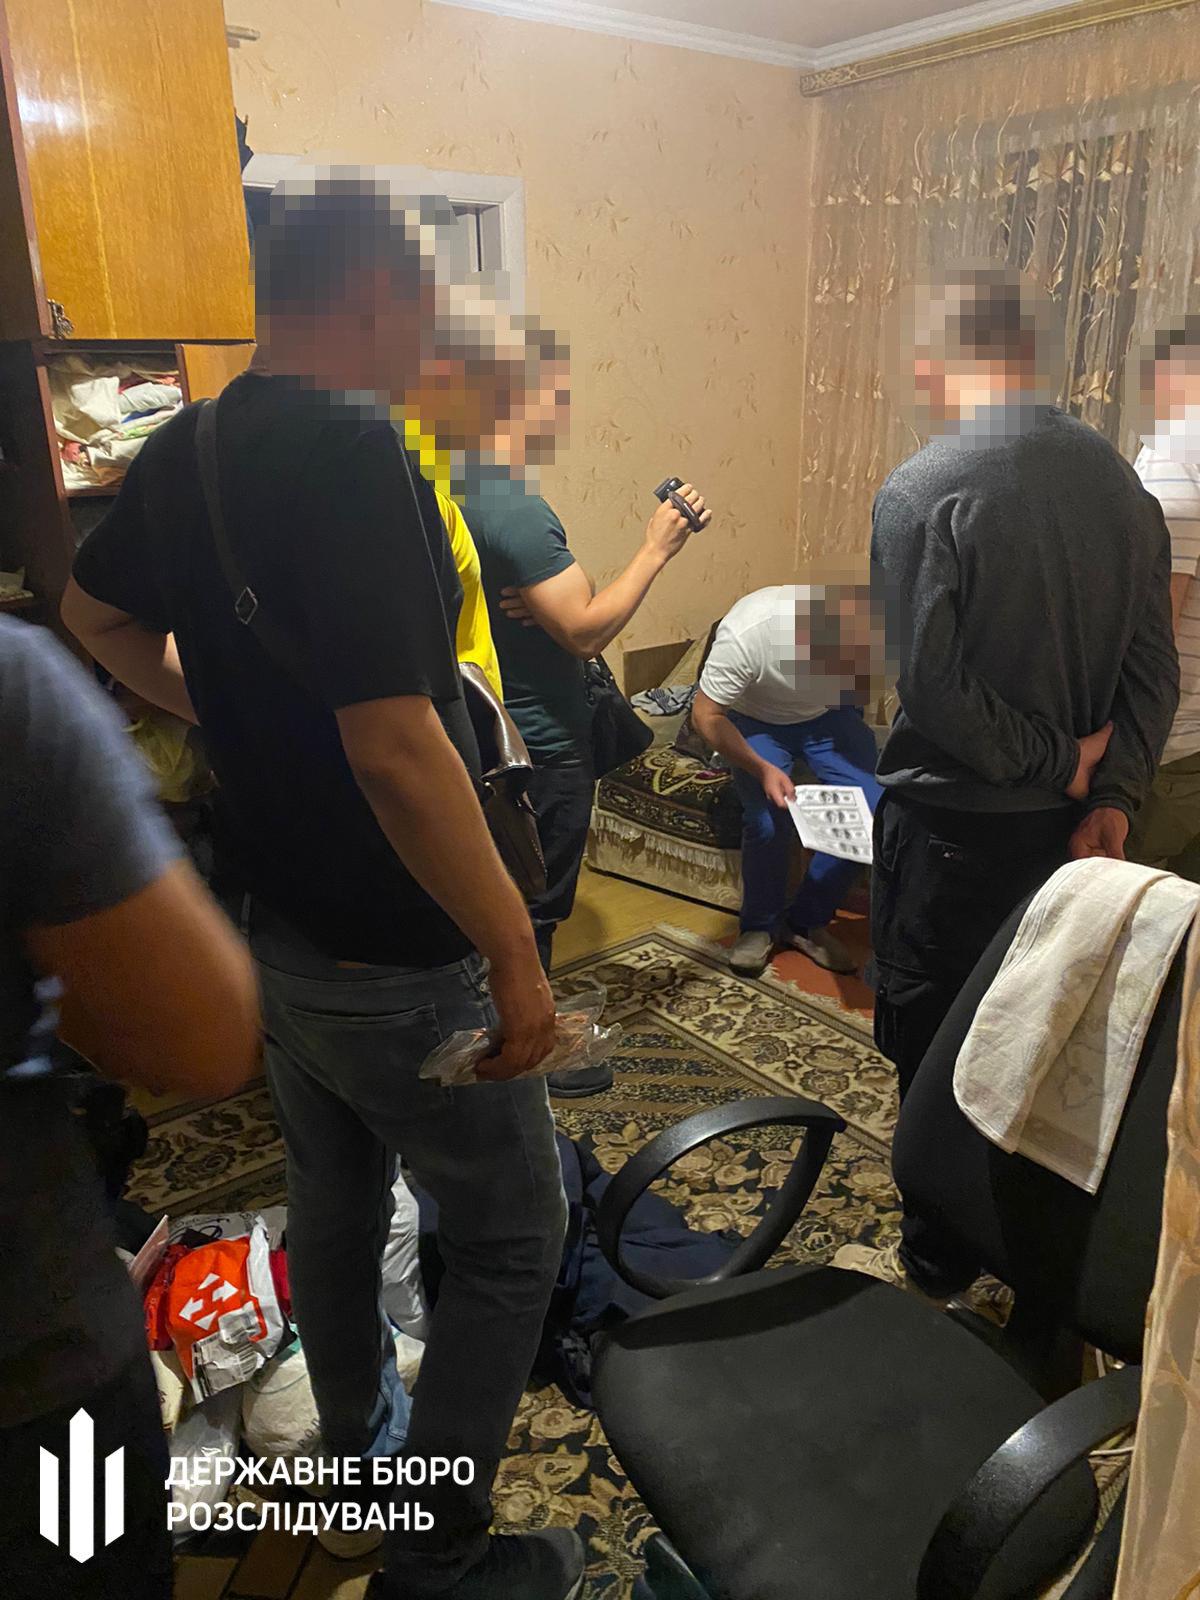 Поліцейському дали хабар за закриття справи щодо викрадення громадянина – Хмельницьке ДБР, фото-1